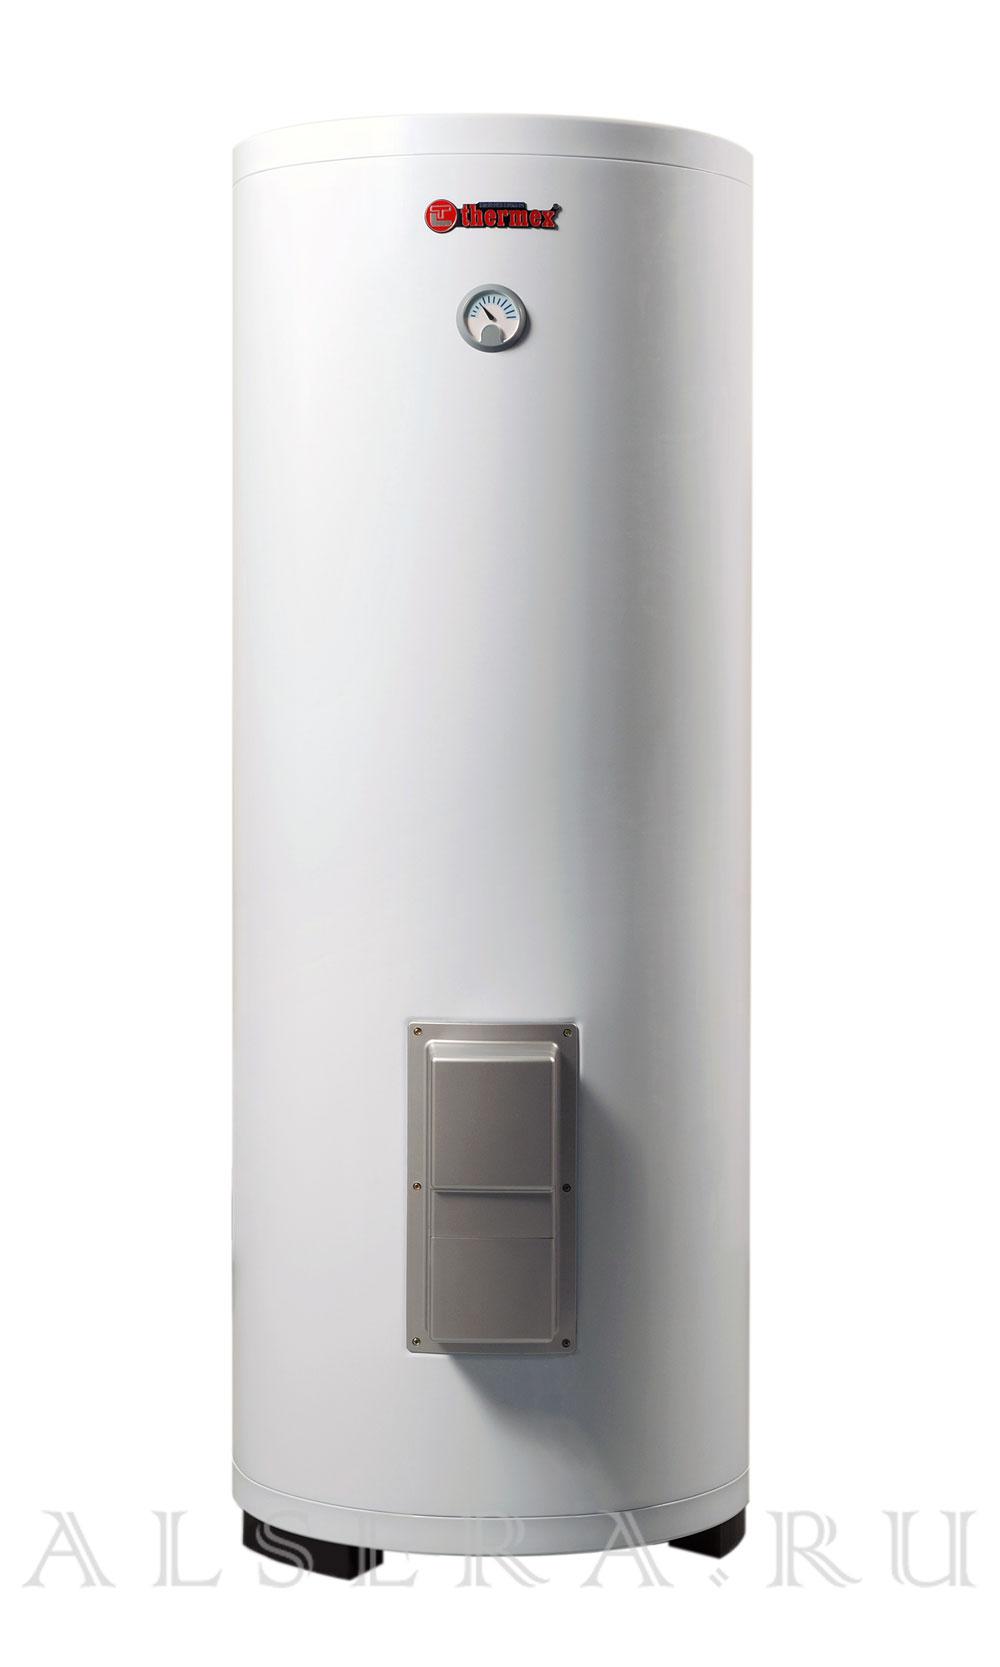 Бойлеры косвенного нагрева с медным теплообменником Кожухотрубный конденсатор Alfa Laval CDEW-E215 T Озёрск